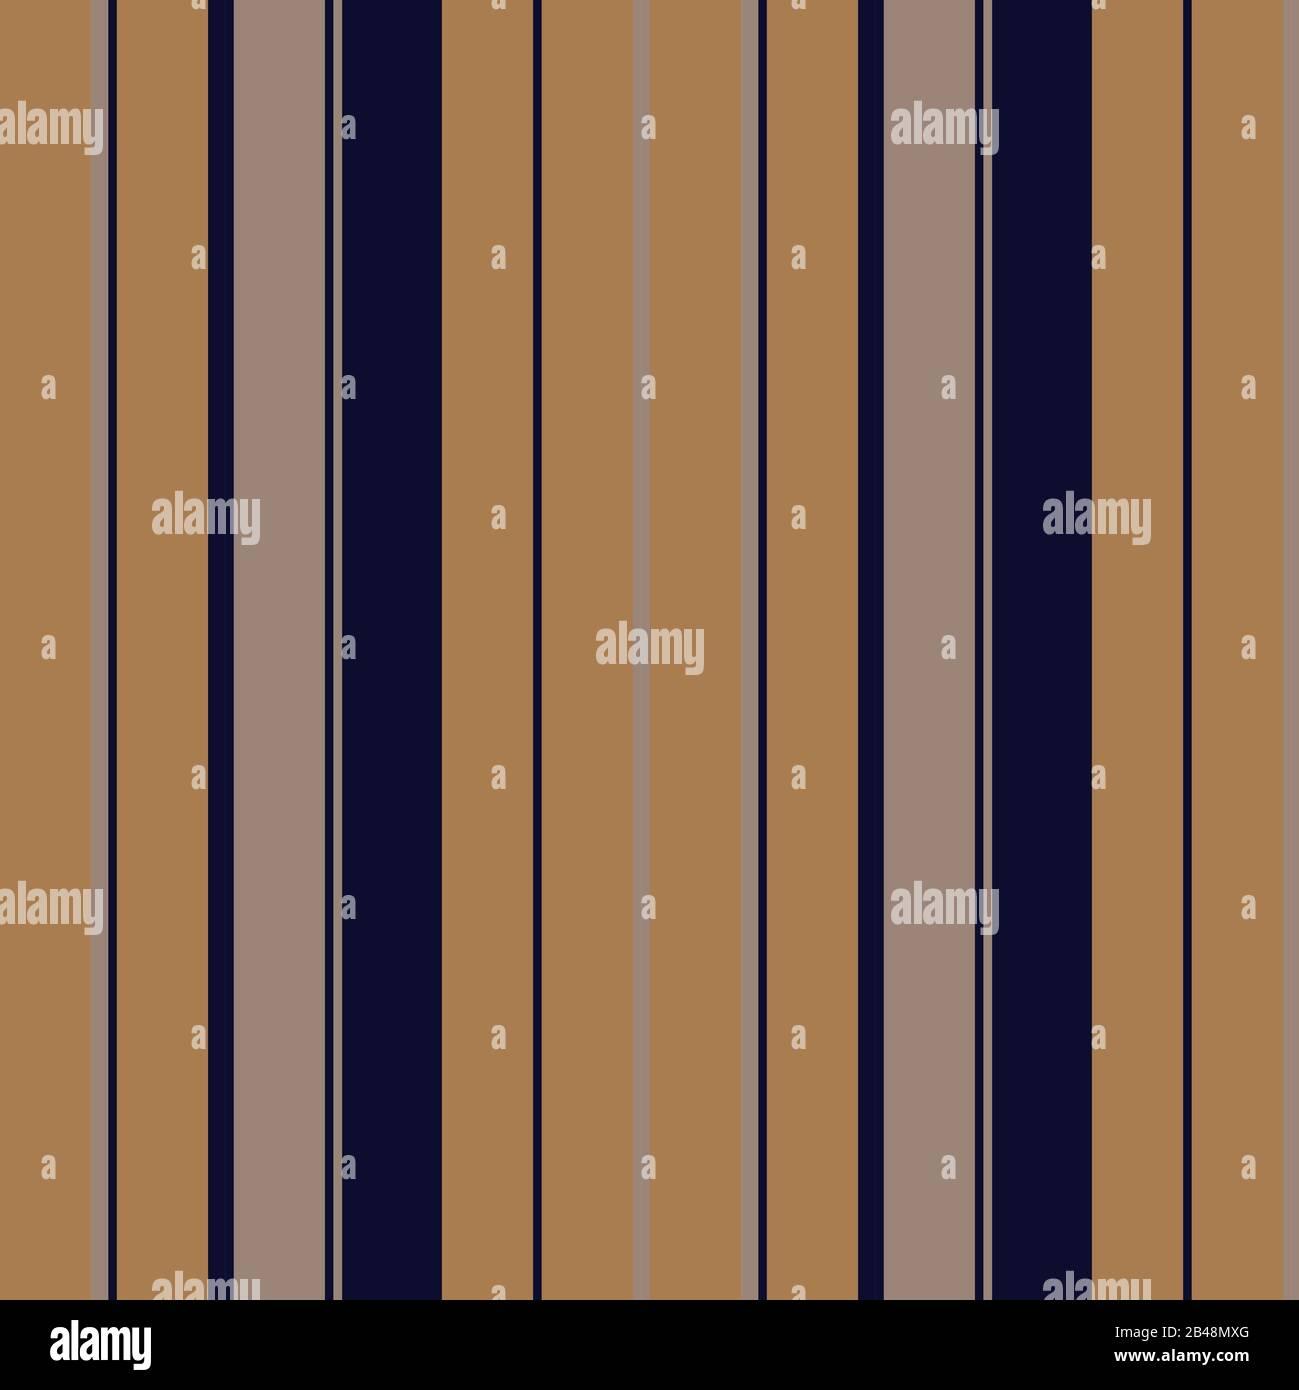 Este es un clásico patrón de rayas verticales adecuado para impresión de camisas, textiles, Jersey, patrones de jacquard, fondos, sitios web Foto de stock